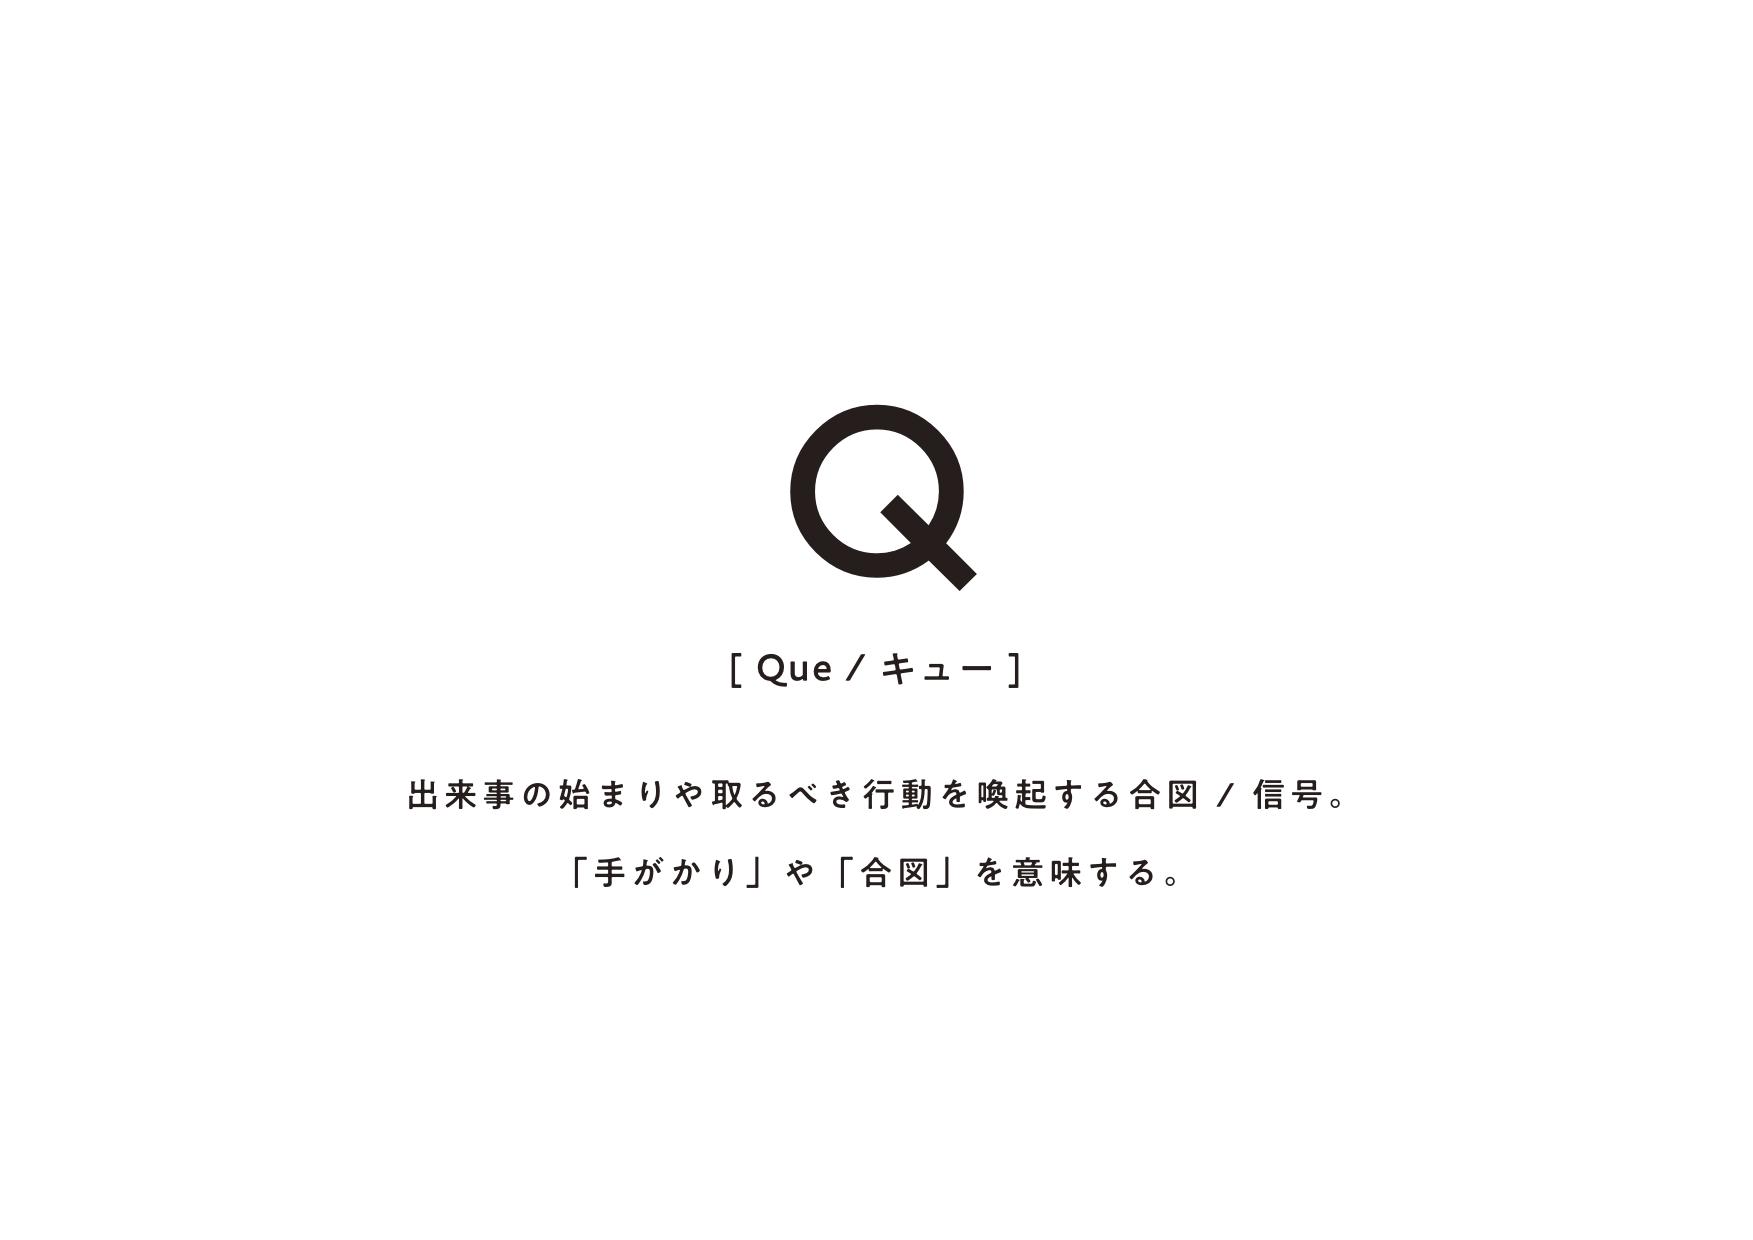 ruqwa_logo_0916.jpg